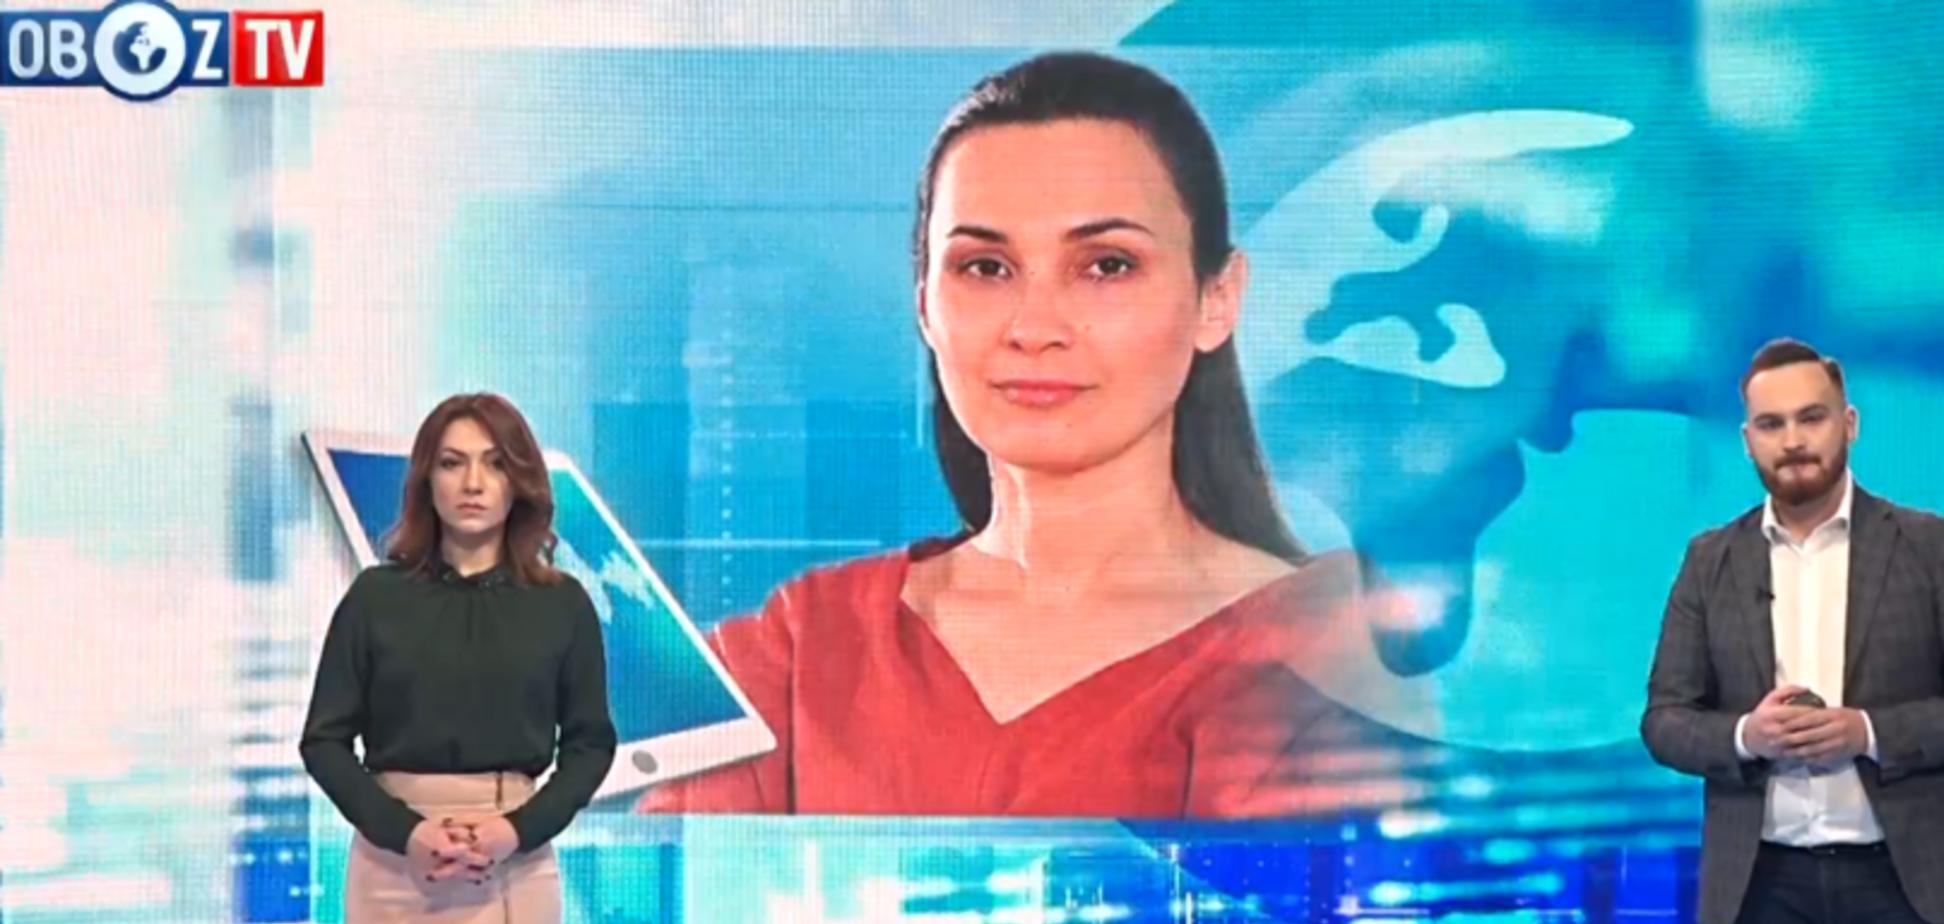 MARUV права: член правления НОТУ заявила о праве исполнительницы не иметь политических позиций